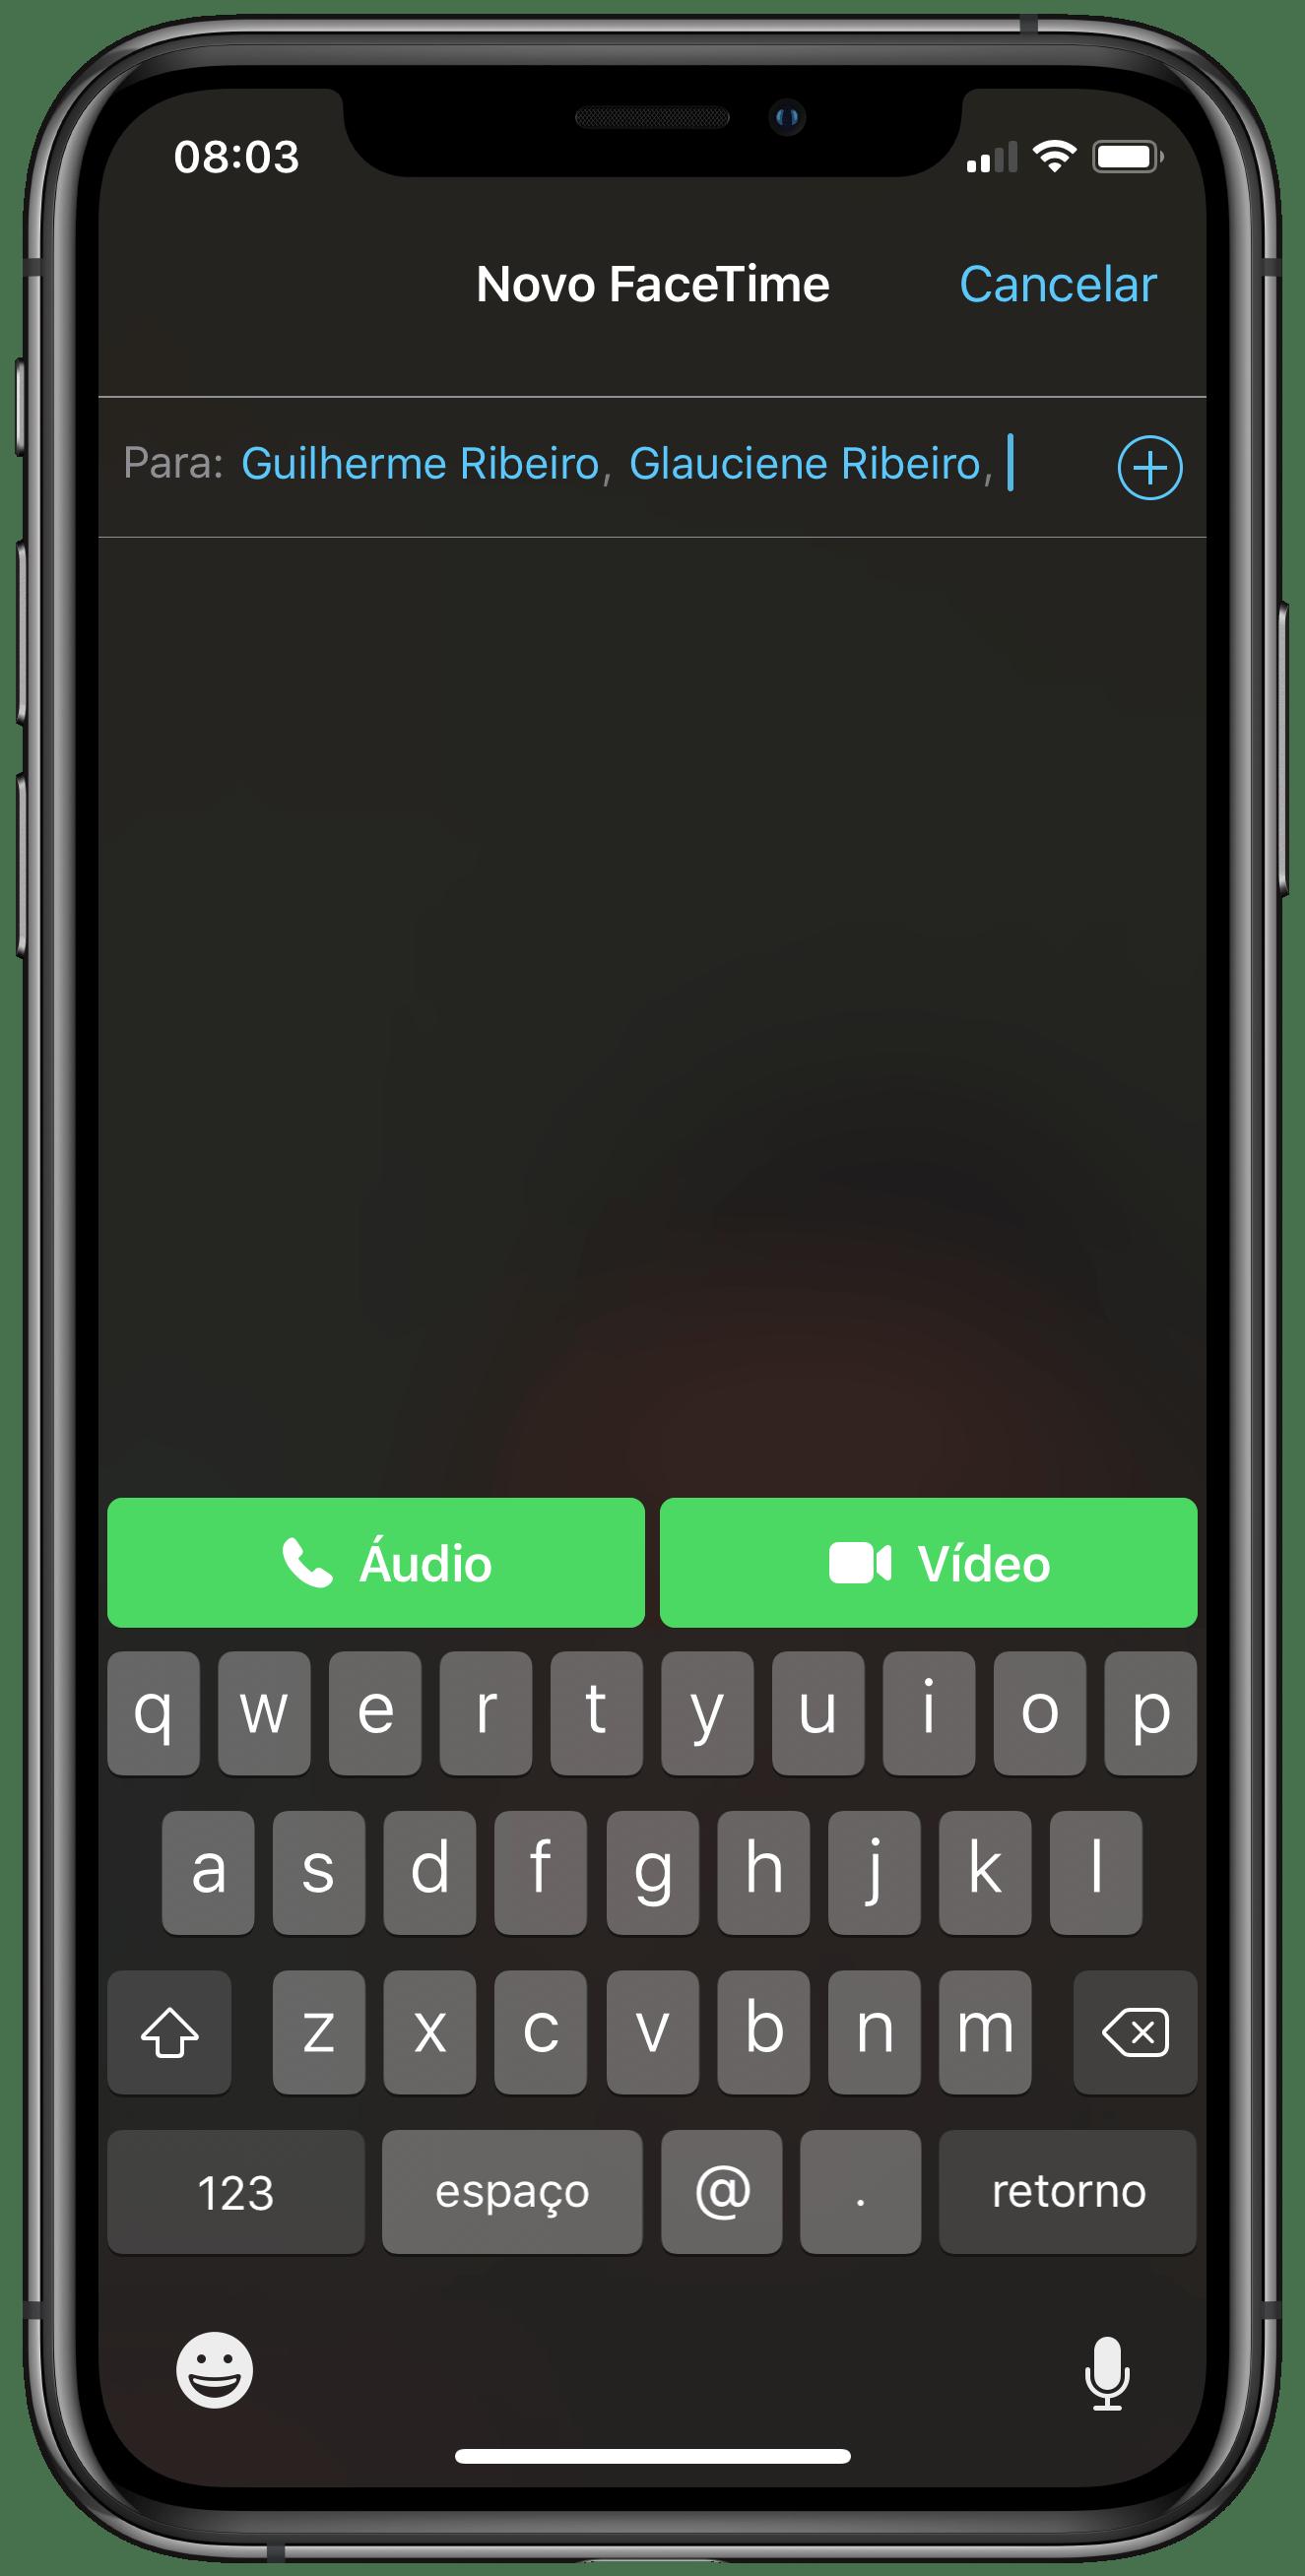 Iniciar chamada em grupo no FaceTime